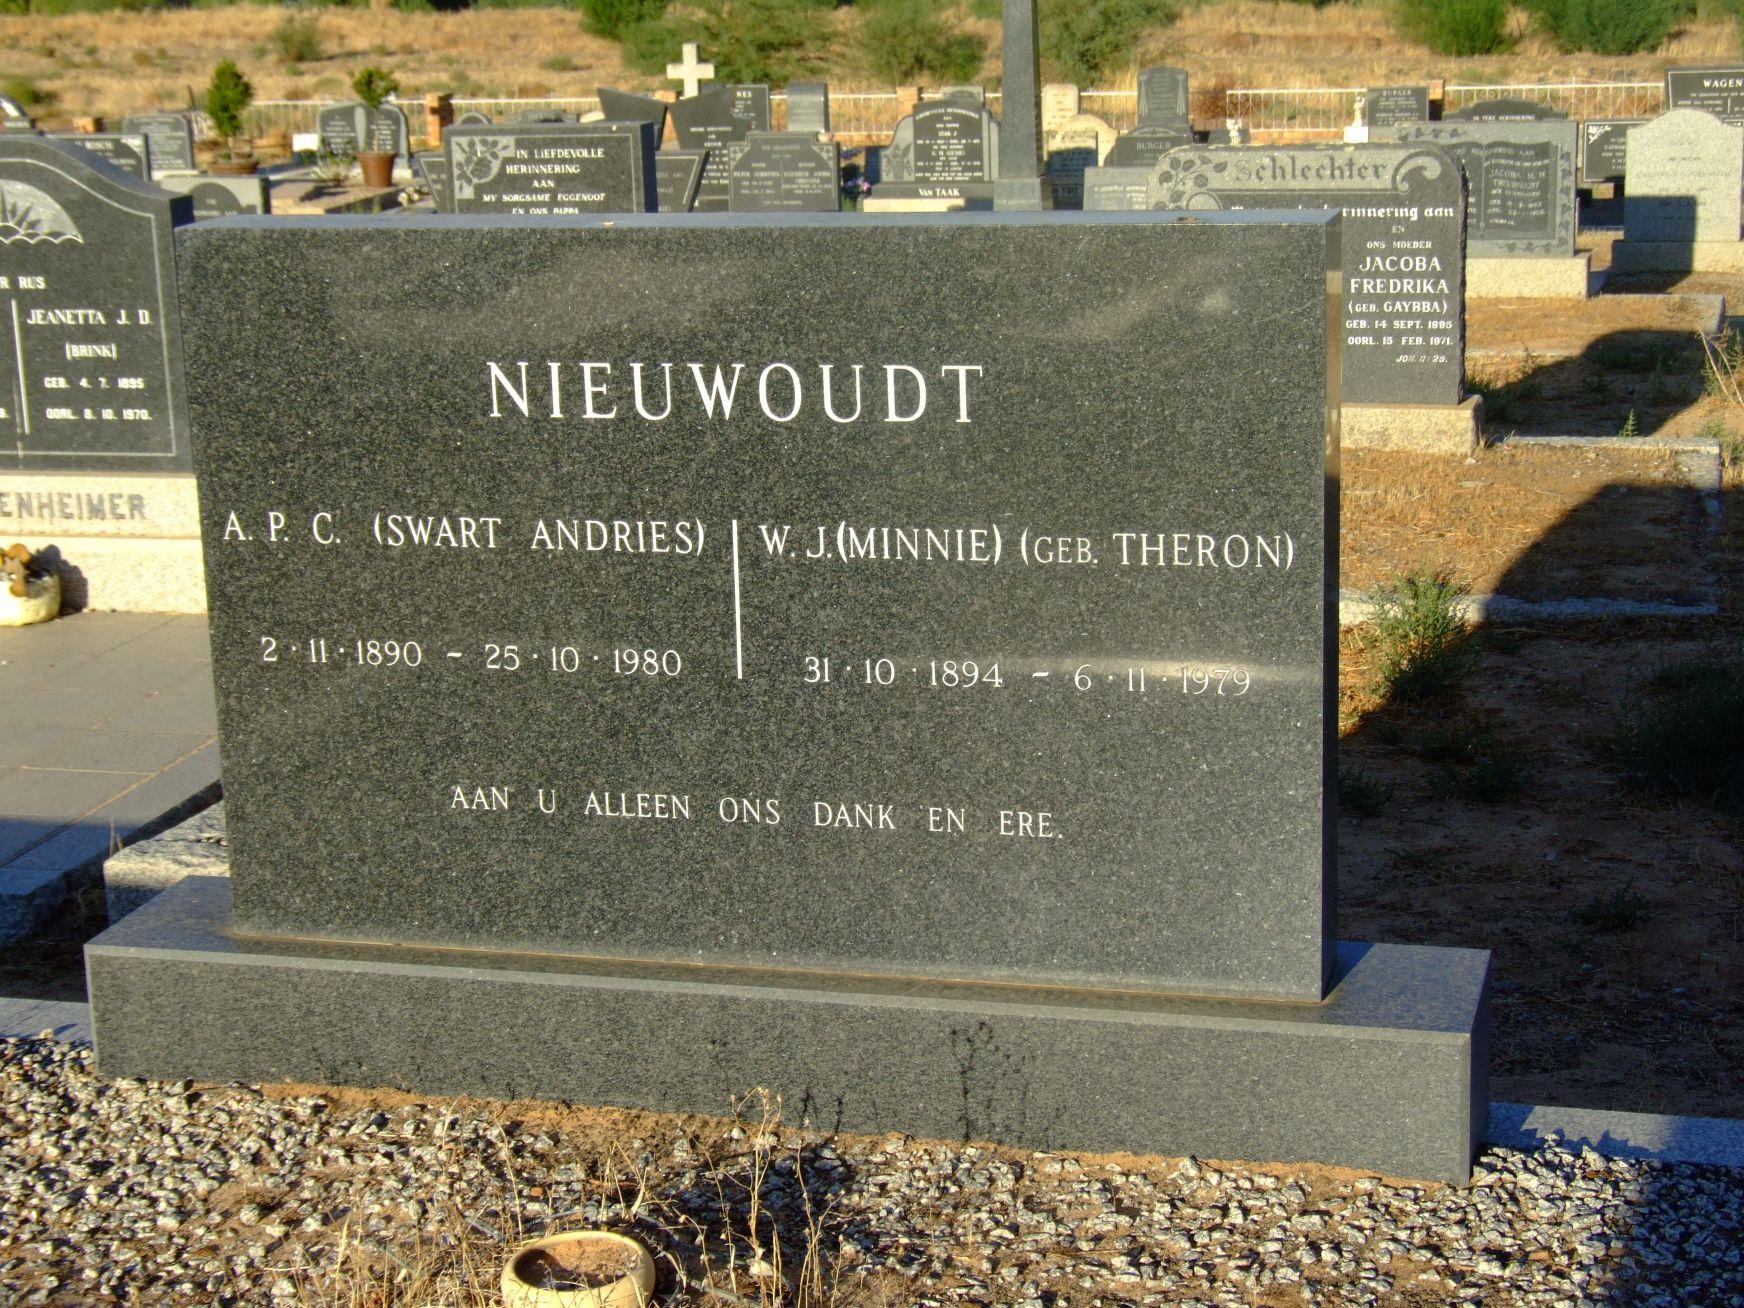 Nieuwoudt, A. P. C. + Nieuwoudt, W. J.